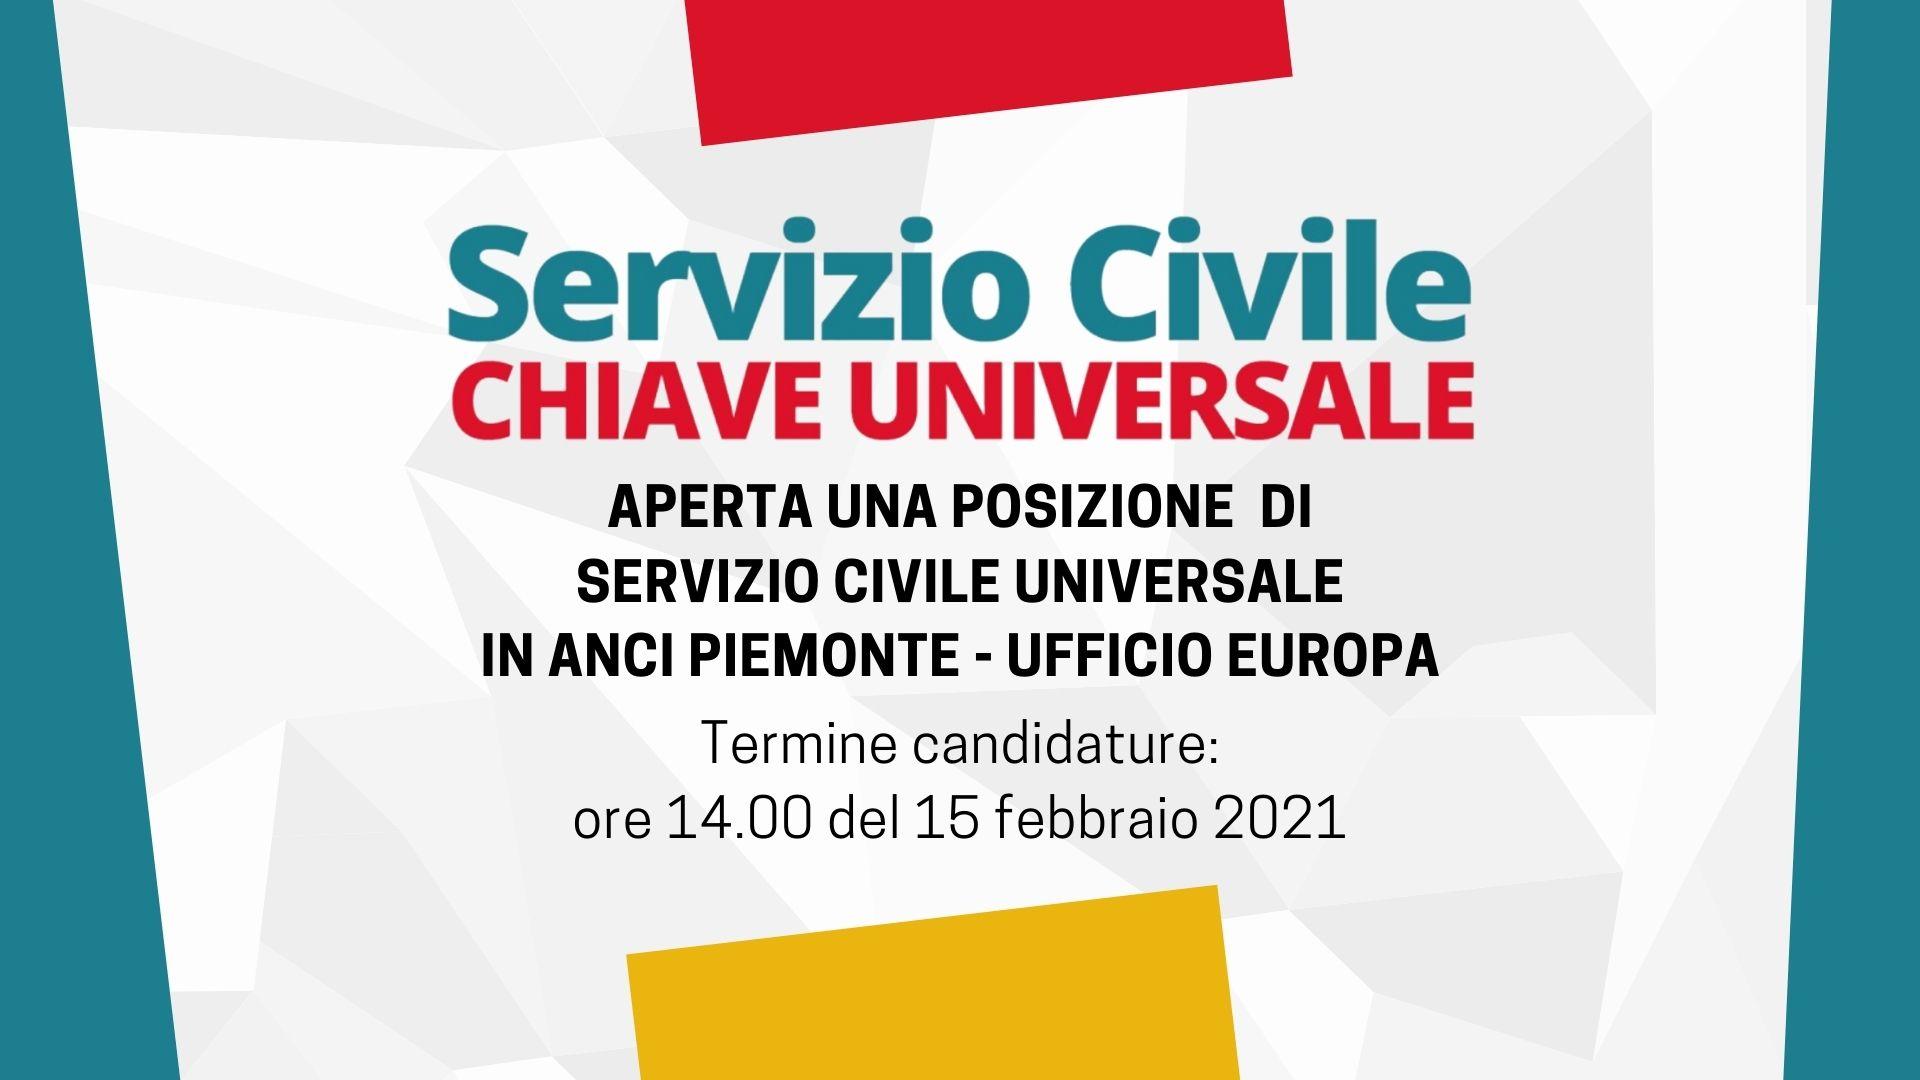 SCU in ANCI Piemonte